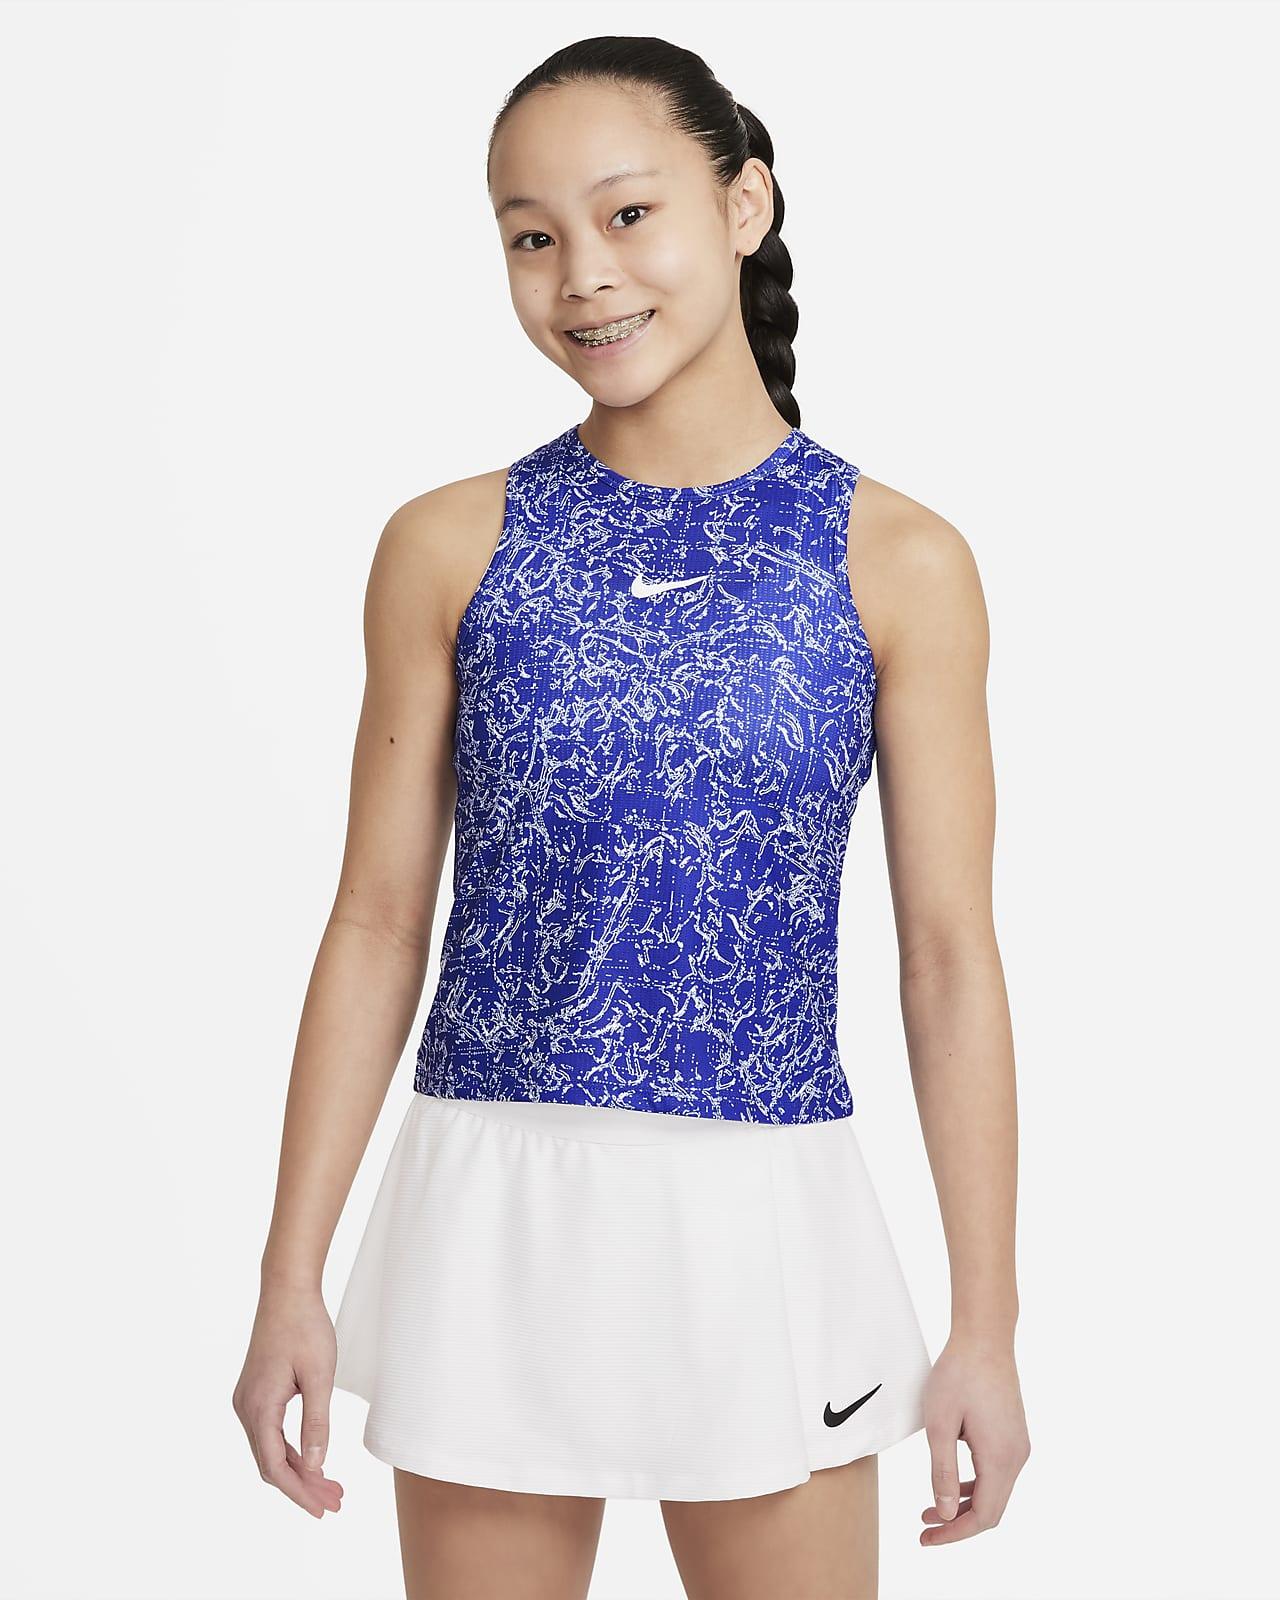 Теннисная майка с принтом для девочек школьного возраста NikeCourt Dri-FIT Victory